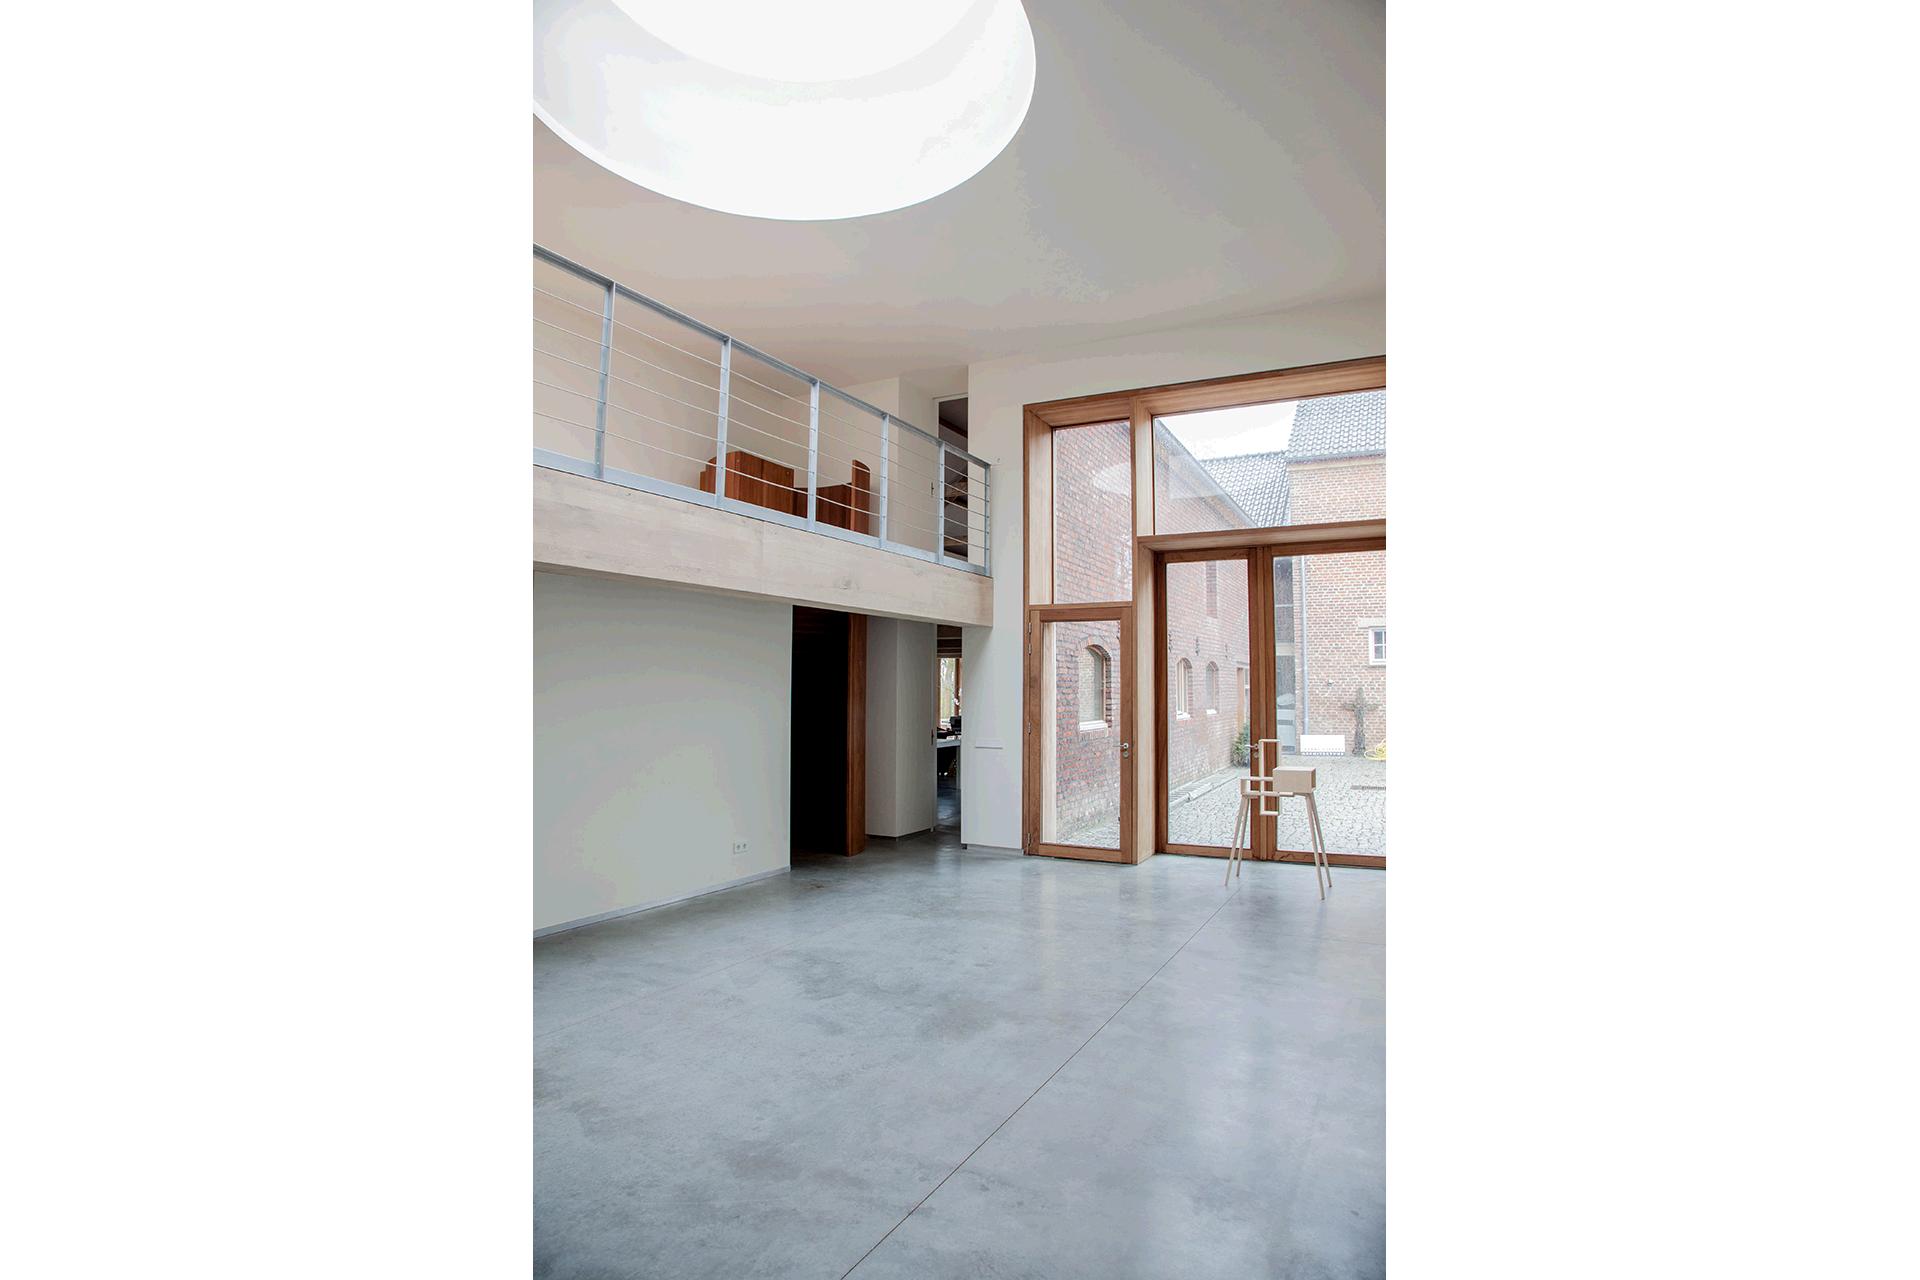 daklicht koepel daglicht licht van boven beton hout industrieel rond wit interieur huis